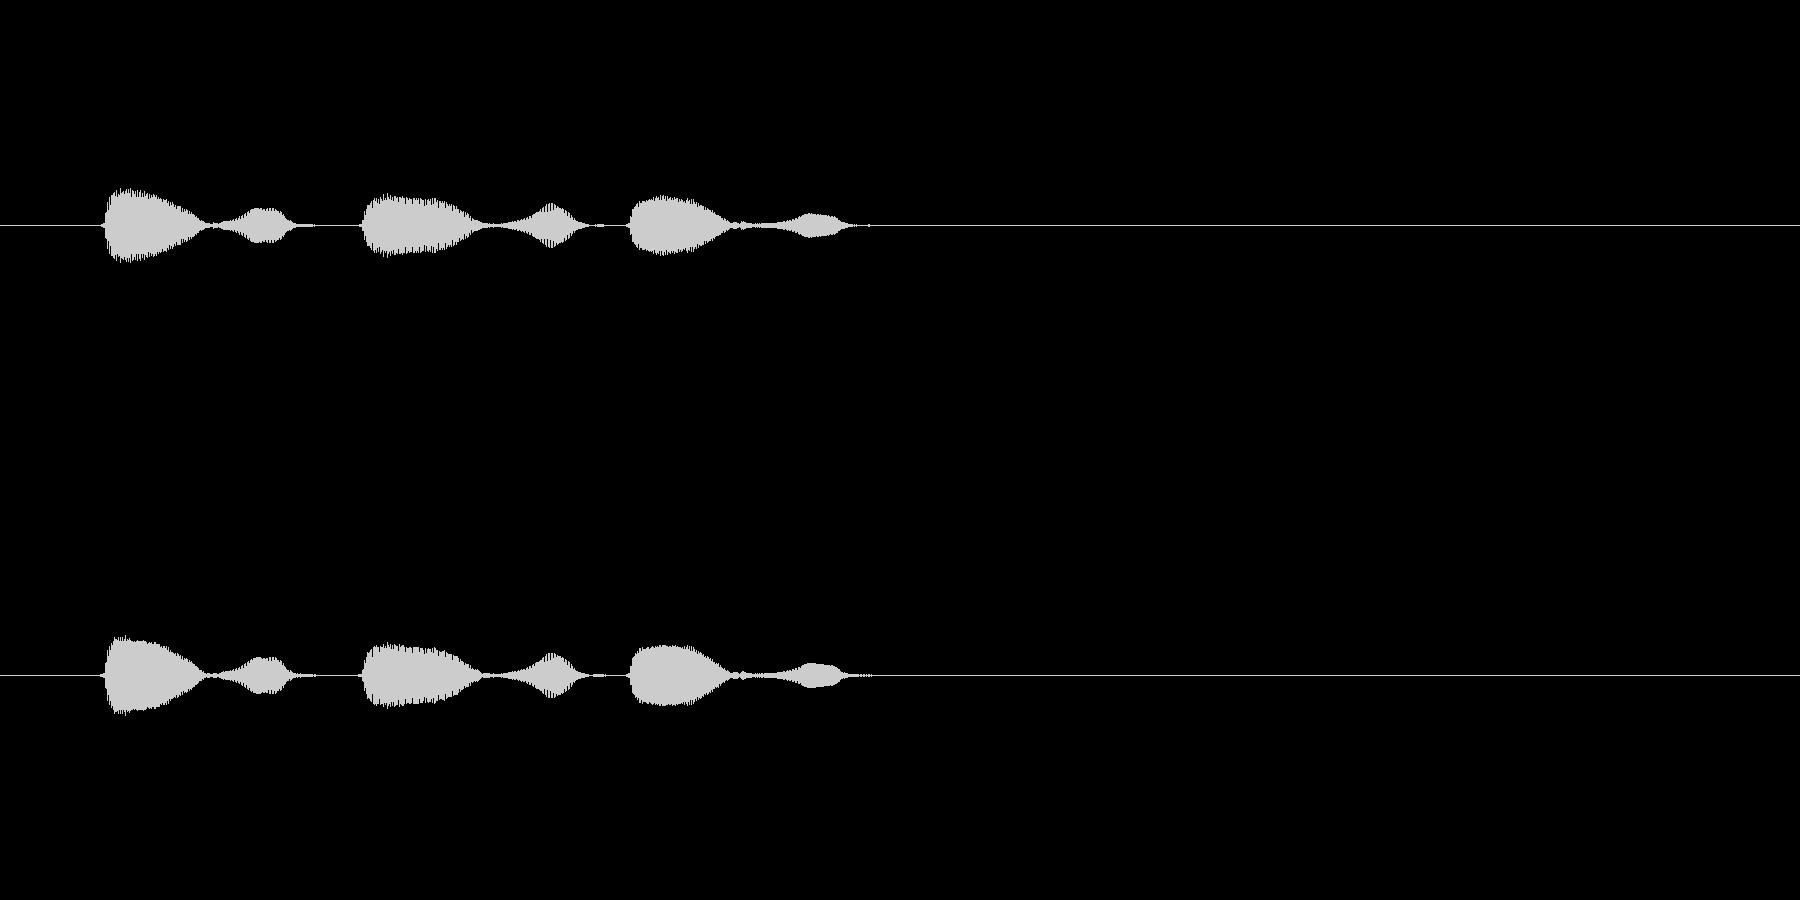 【パフパフラッパ01-5】の未再生の波形